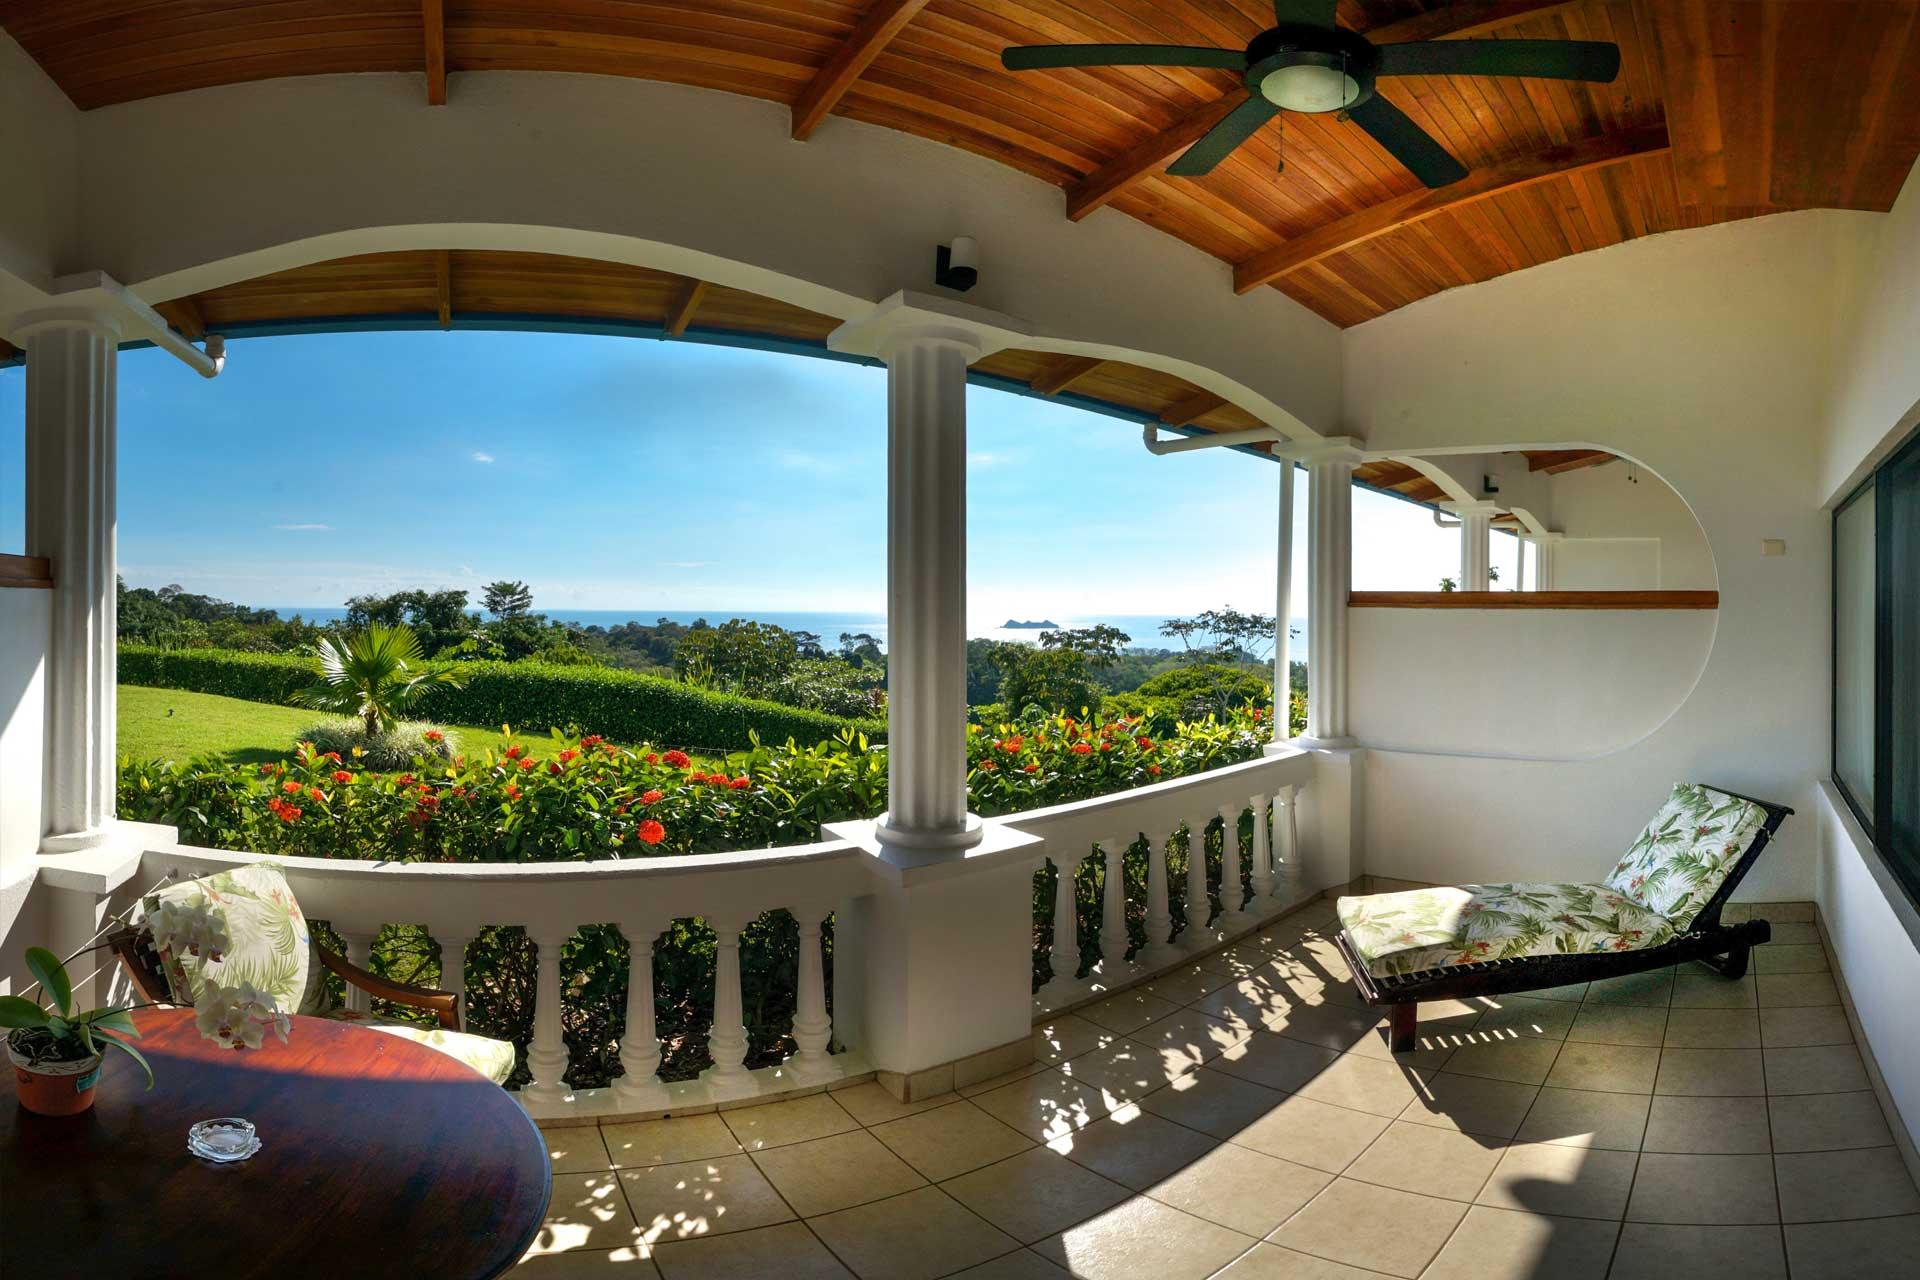 CB balcony